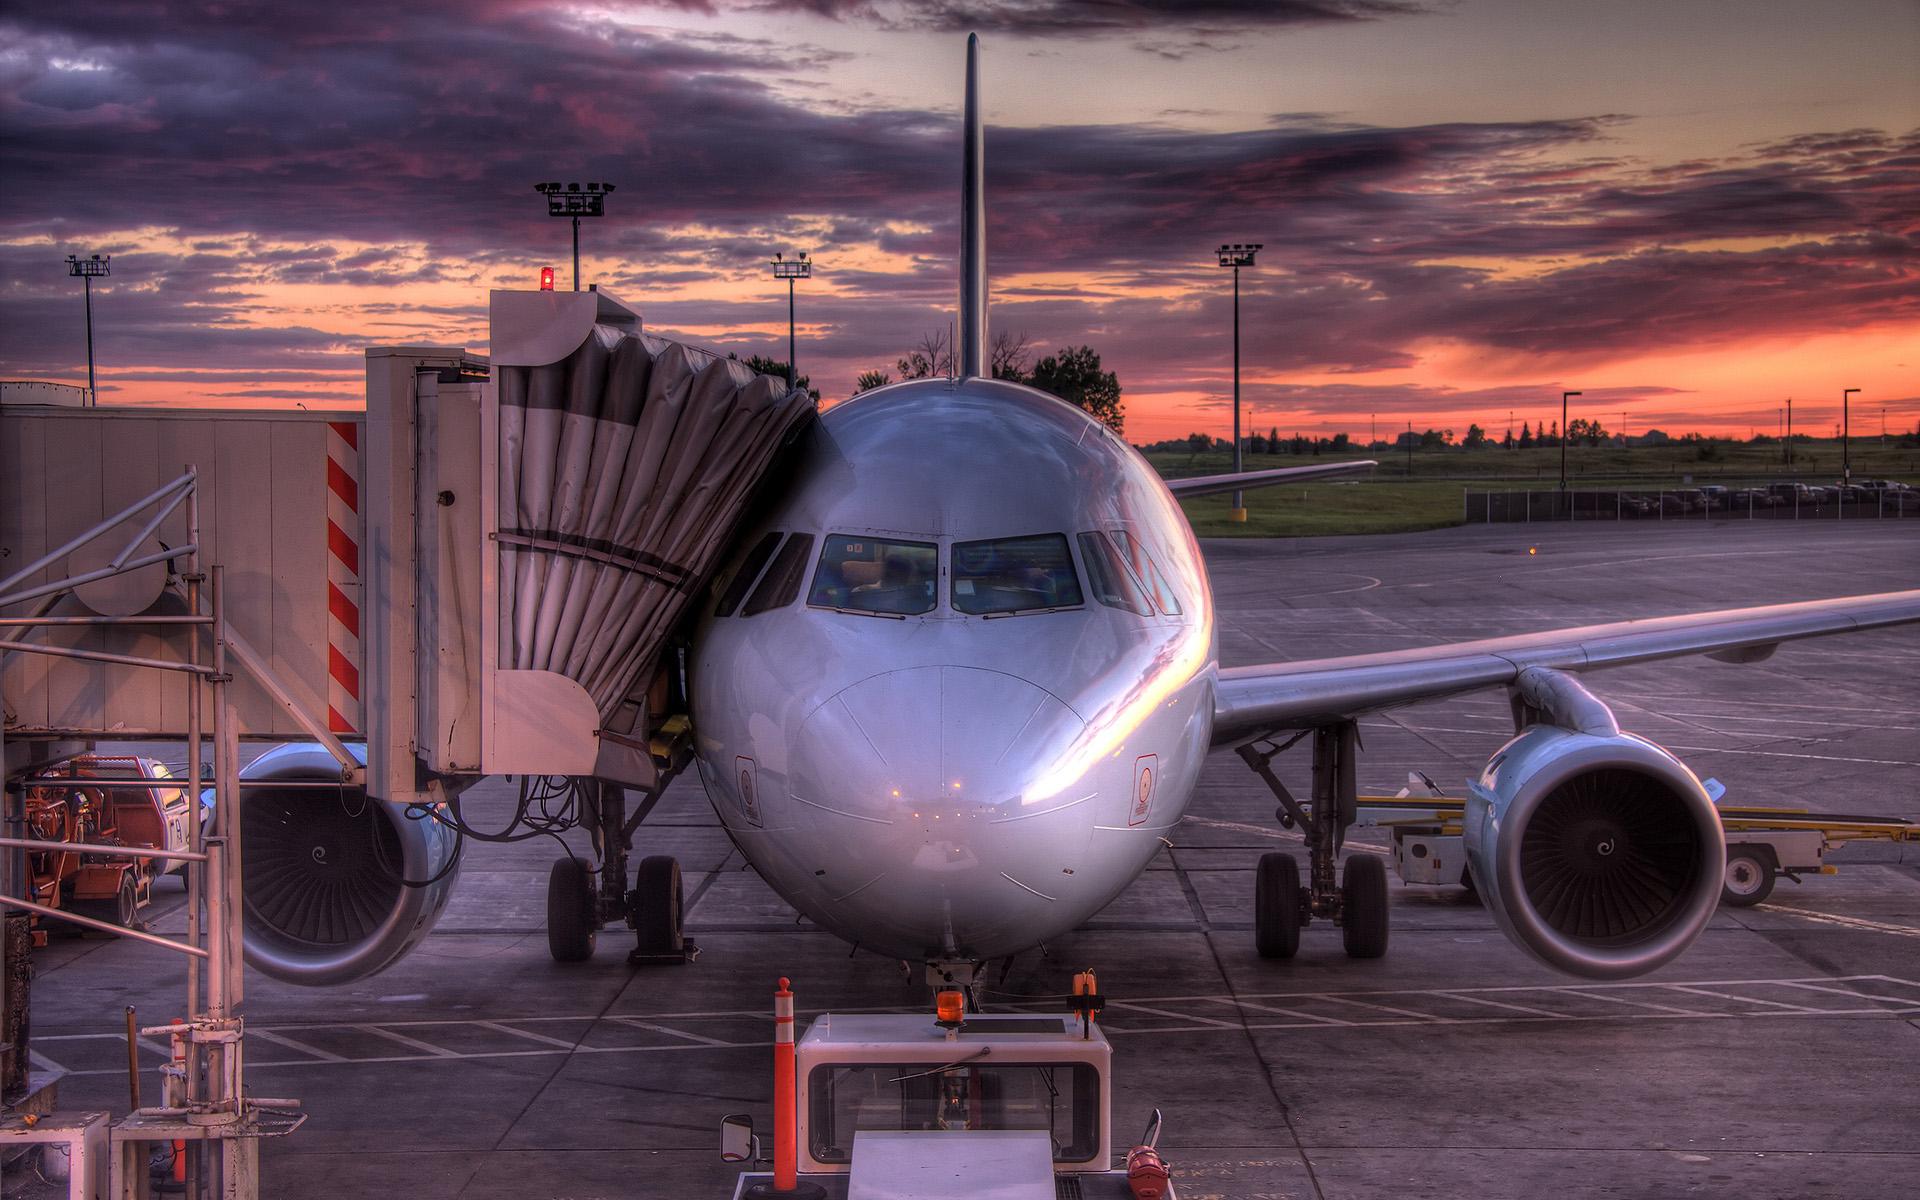 Пассажирские самолеты обои, аэропорт, авиация, 1920 на 1200 пикселей